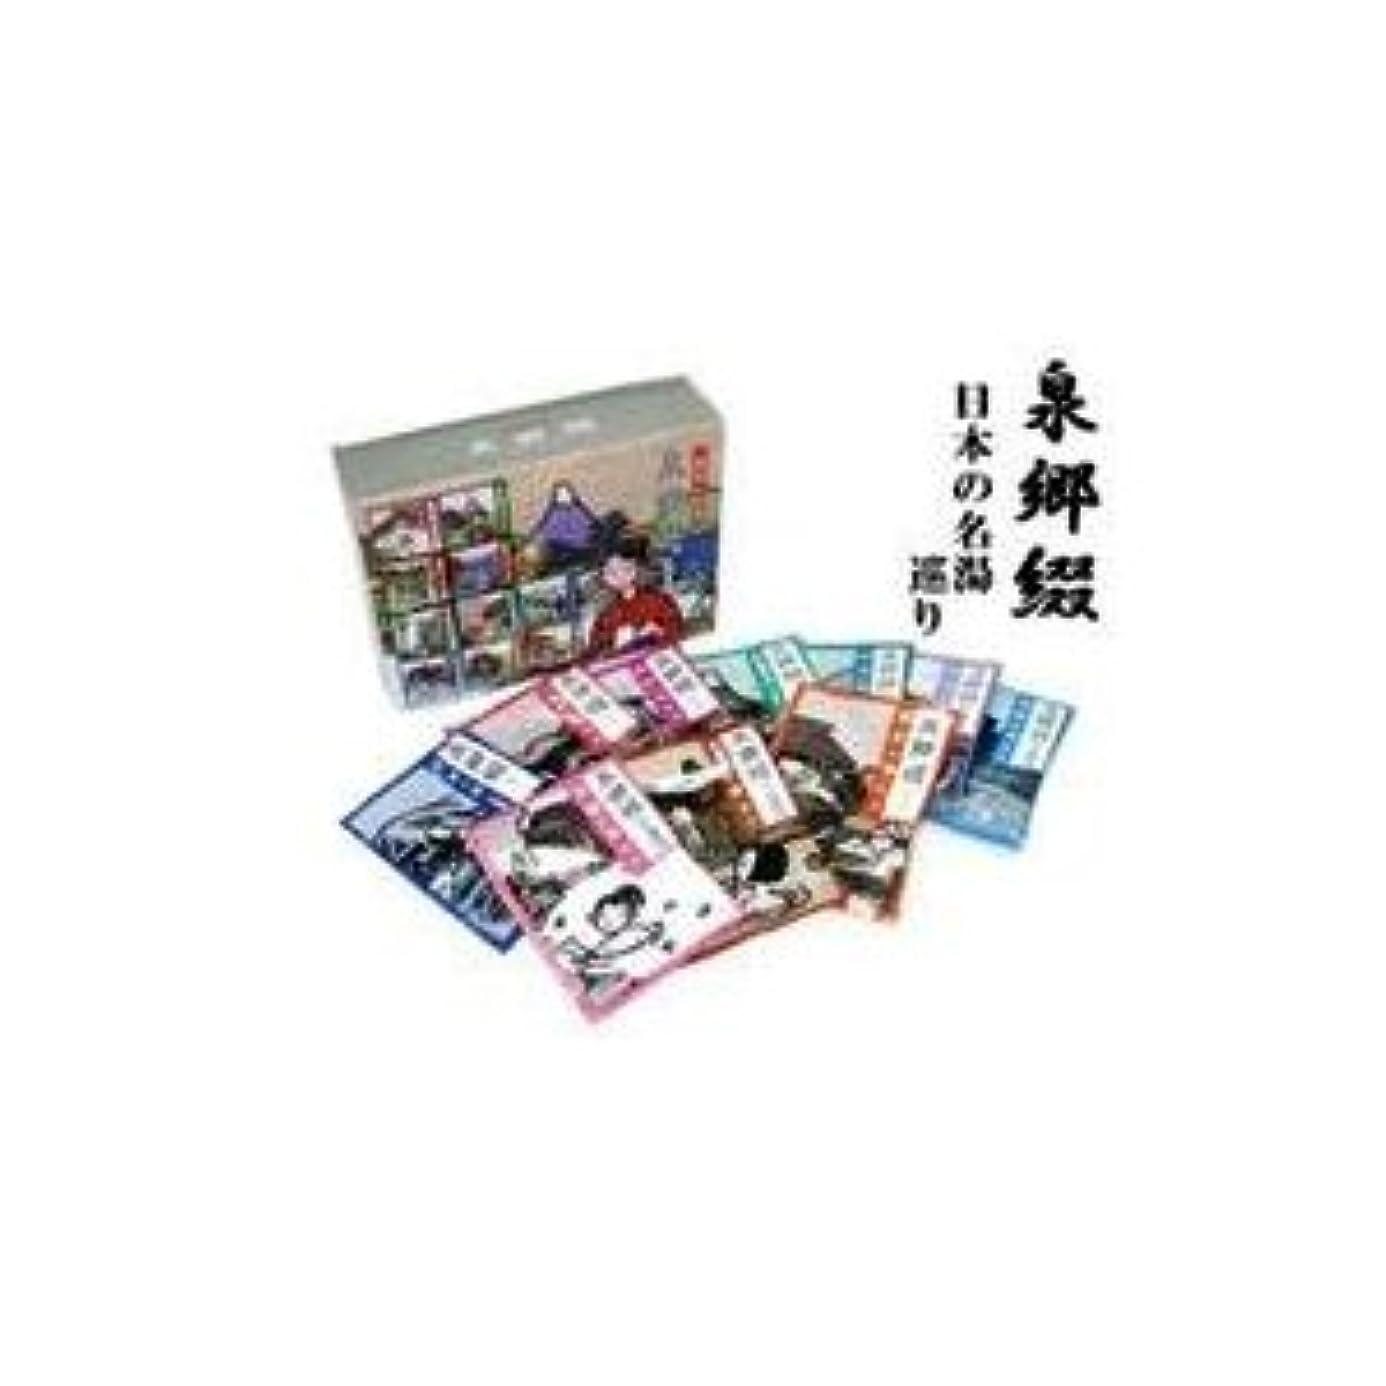 ぎこちないステレオタイプ計画的入浴剤 泉郷綴<日本の名湯巡り>(10包入り)日本を代表する温泉10ヶ所の入浴剤(3セット)